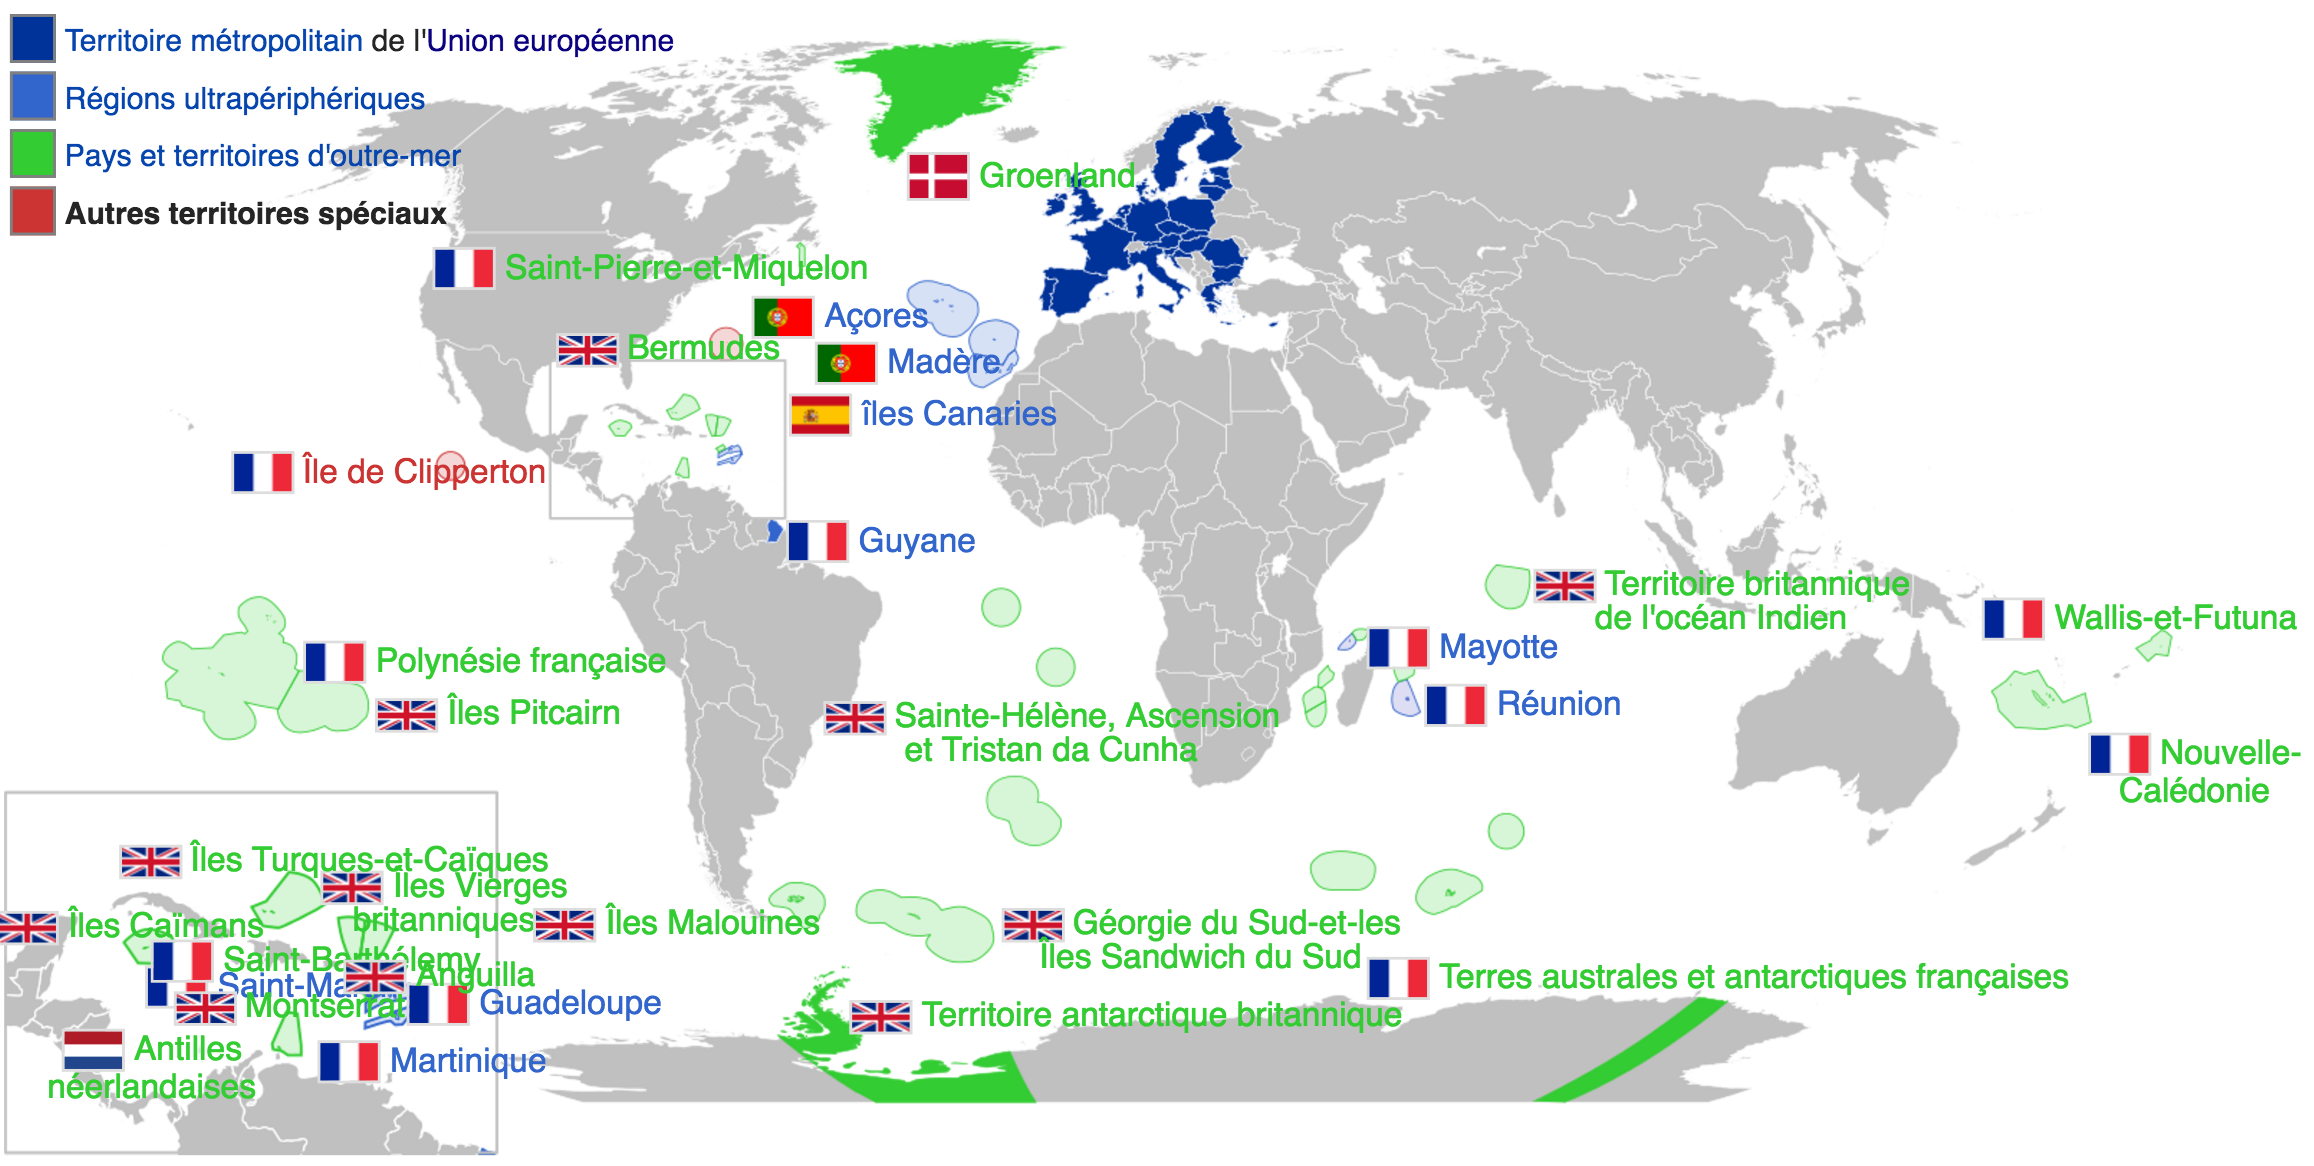 Union Européenne - Territoires Périphériques Associés avec Département D Outre Mer Carte